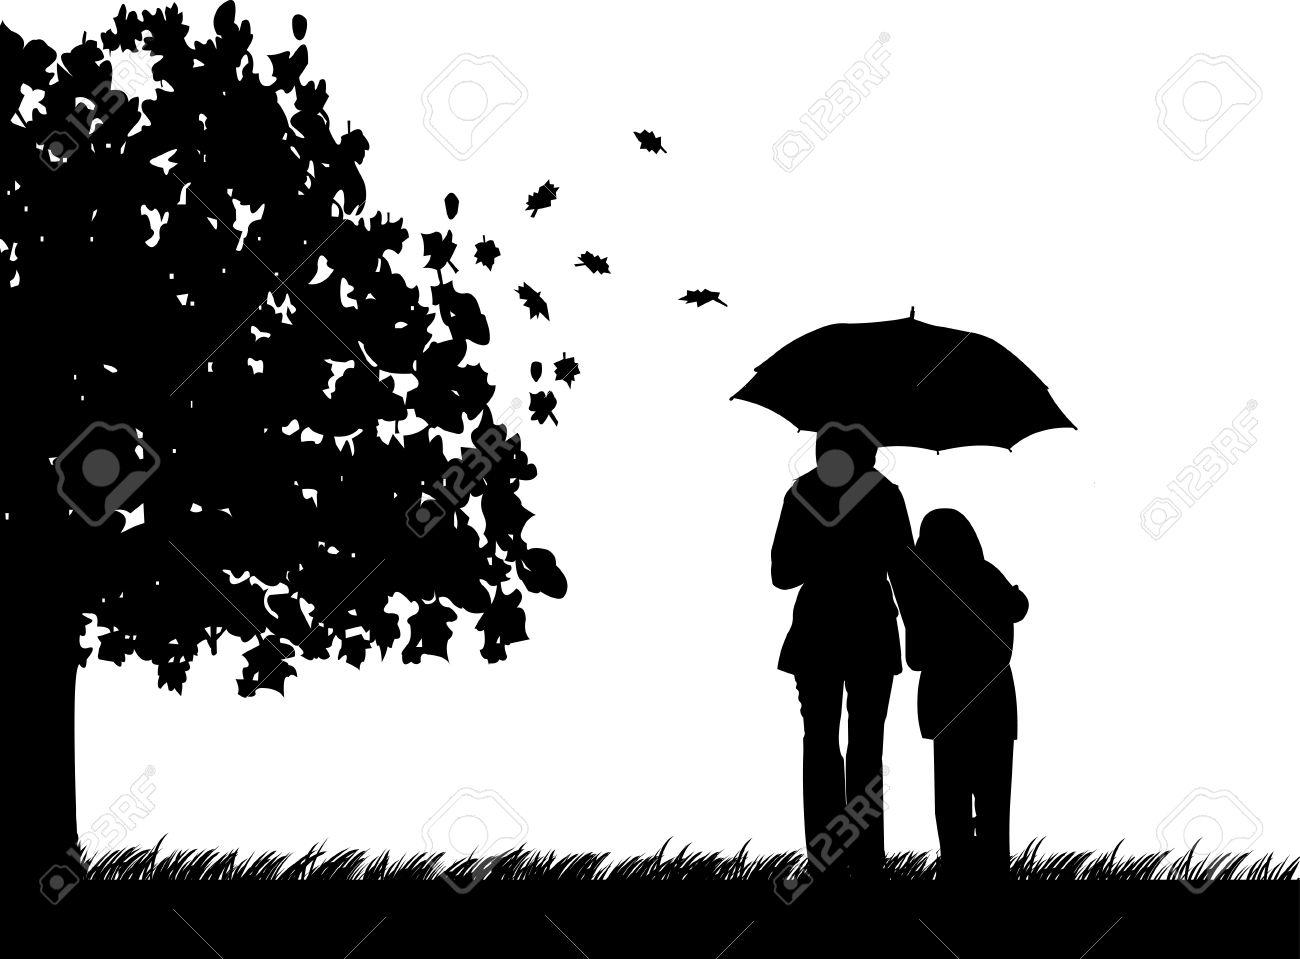 母と娘秋 秋のシルエットの壁紙の美しいコンセプトの傘の下で公園を歩くのイラスト素材 ベクタ Image